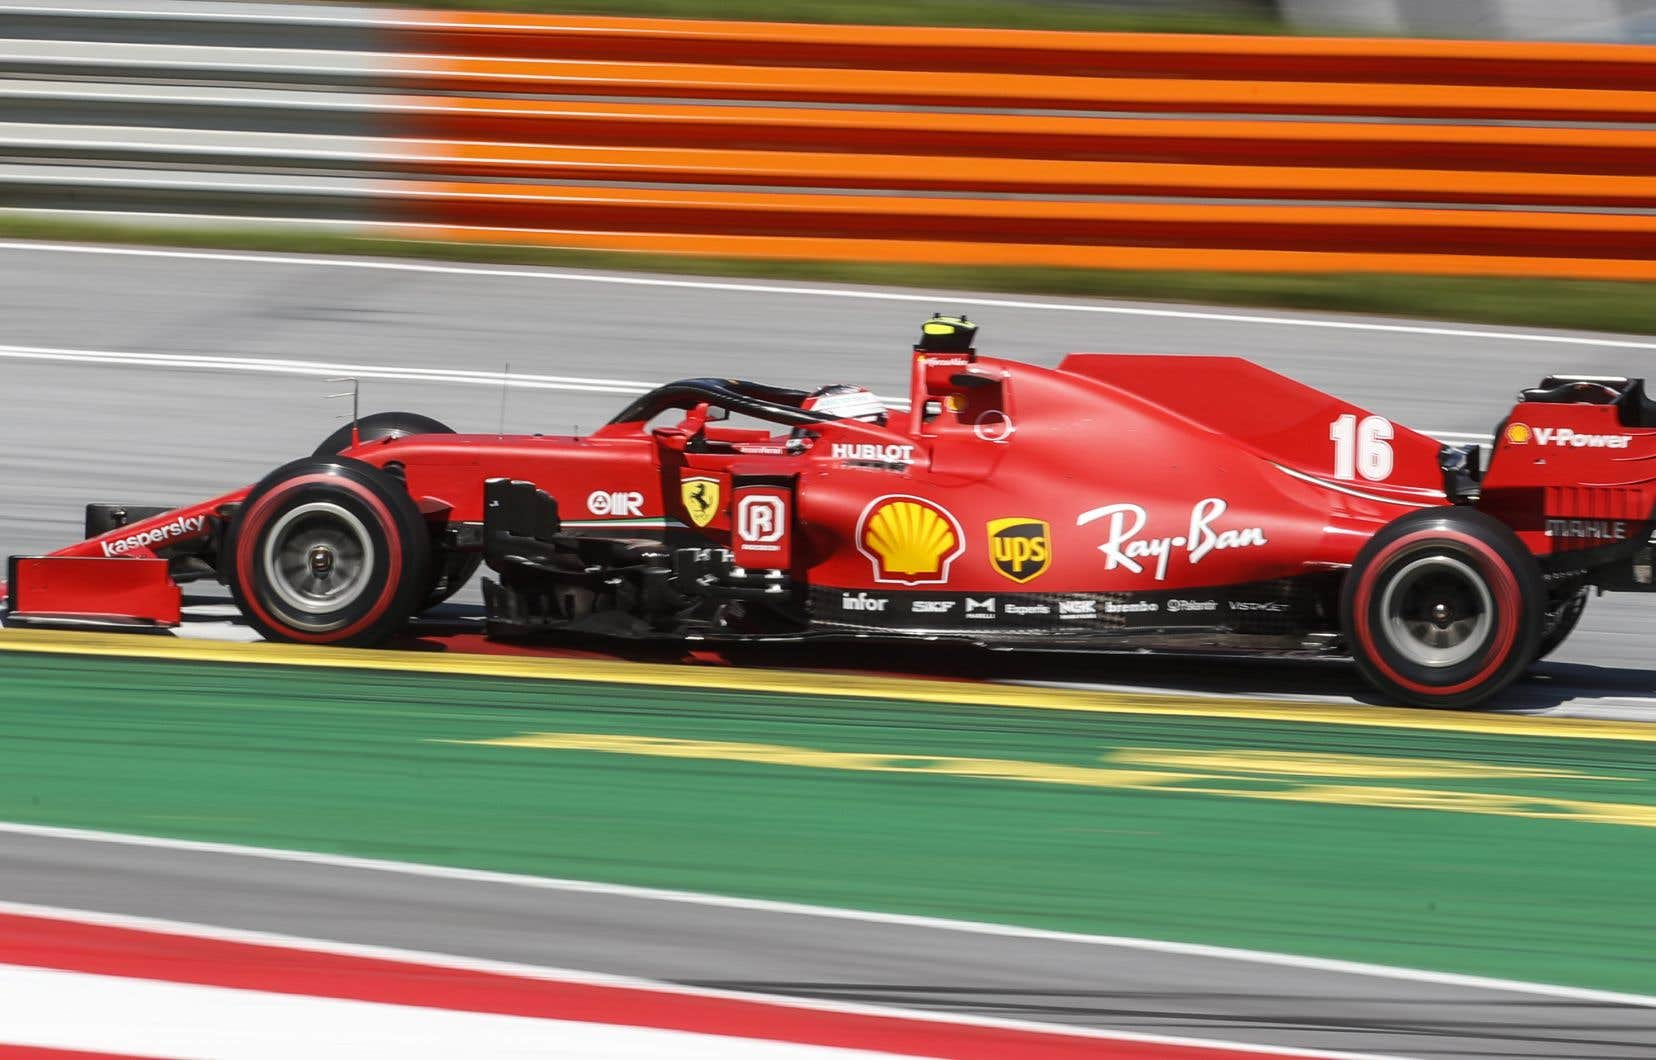 La deuxième place de Leclerc au final tient davantage de son calme au travers tous les accrochages et sorties de piste qu'à la vitesse de la voiture.